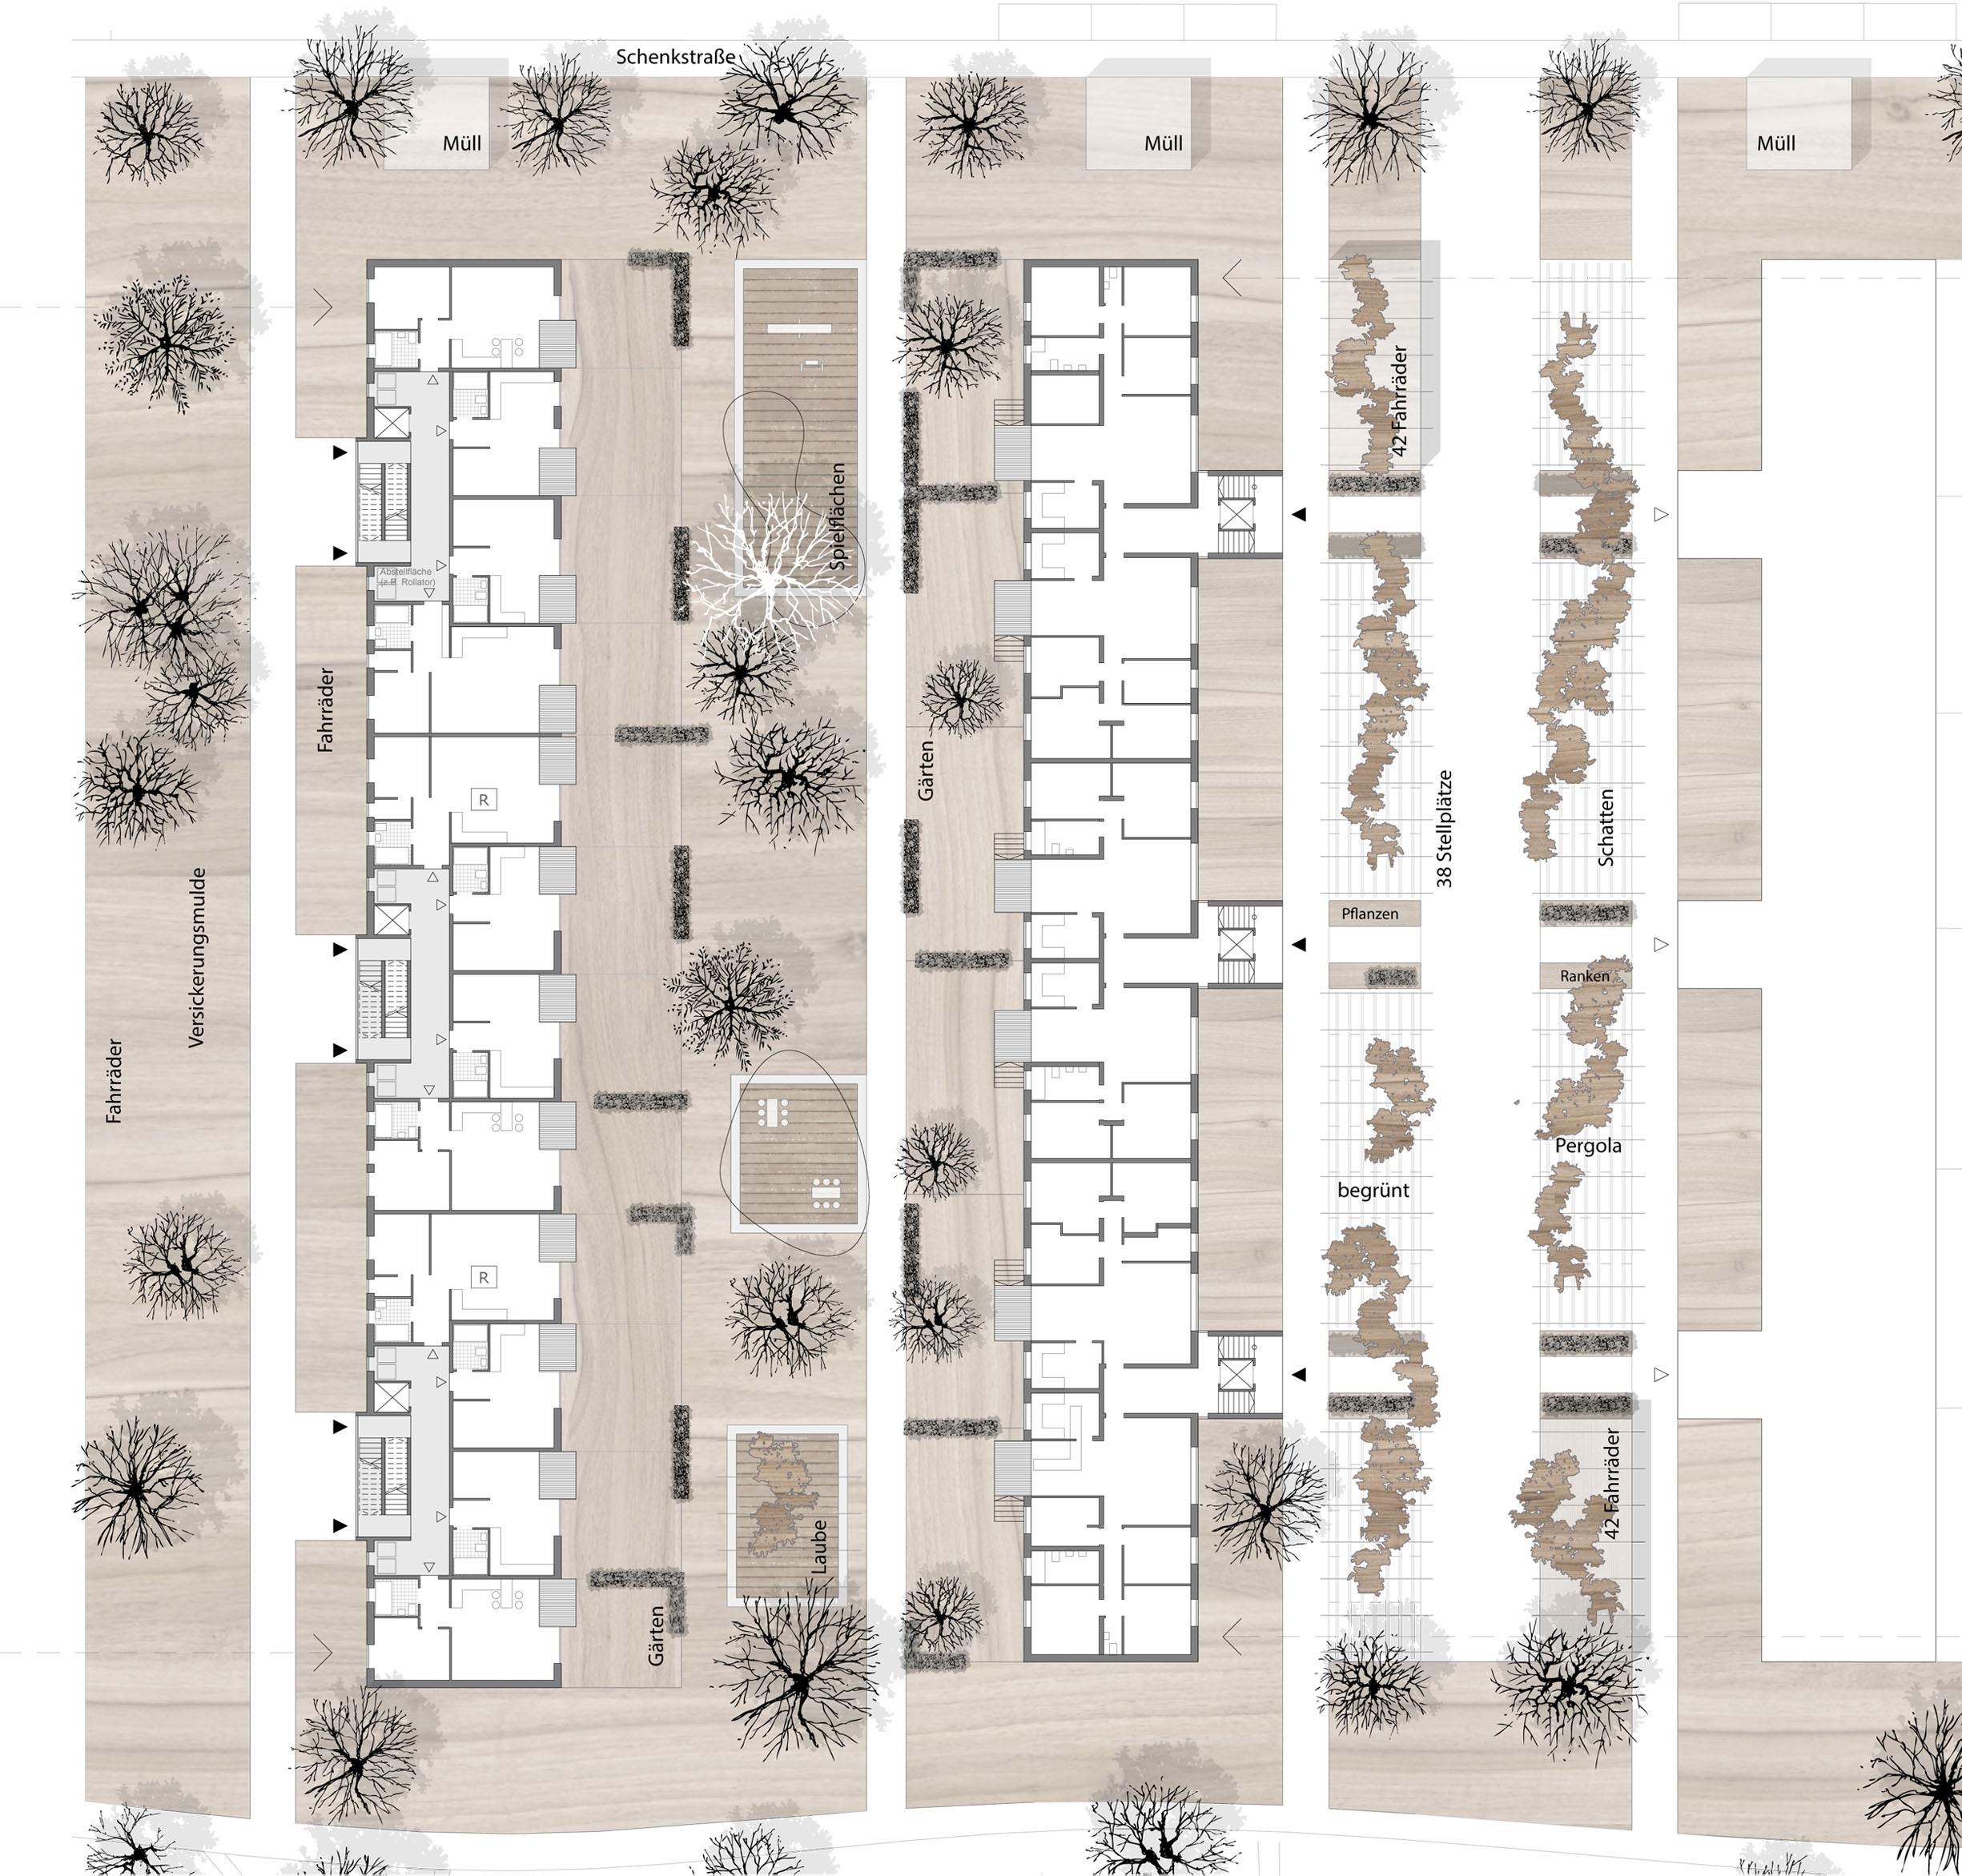 Result: Wohnquartier Johann-Kalb-Straße / Schenkstr...competitionline